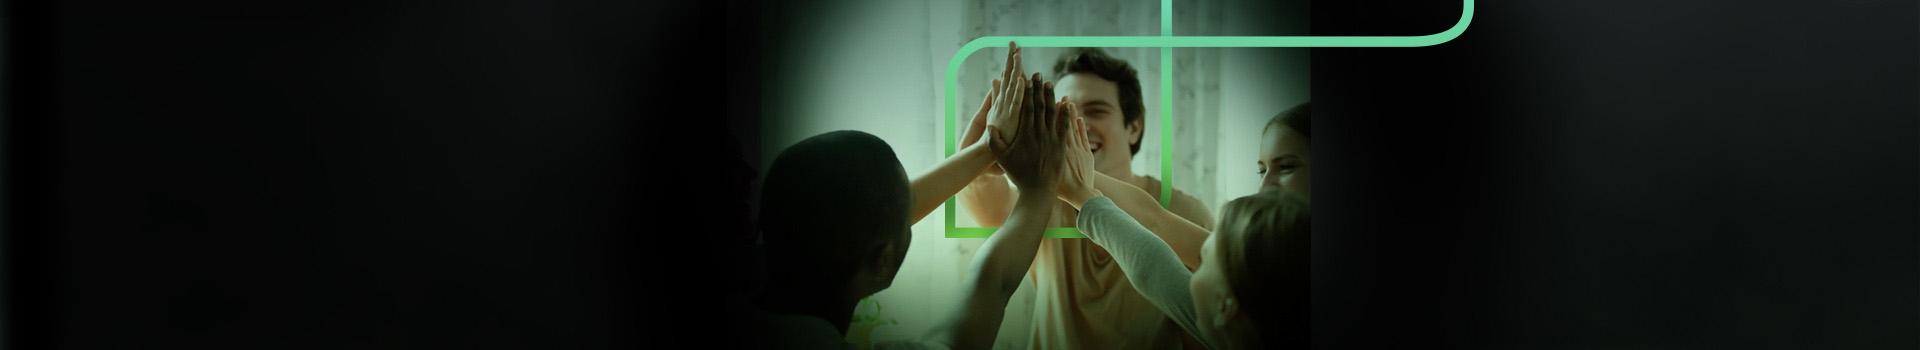 Na imagem 5 pessoas entre homens e mulheres juntas as mãos ao centro como se estivessem comemorando algo e o P da estapar envolvendo as mãos deles